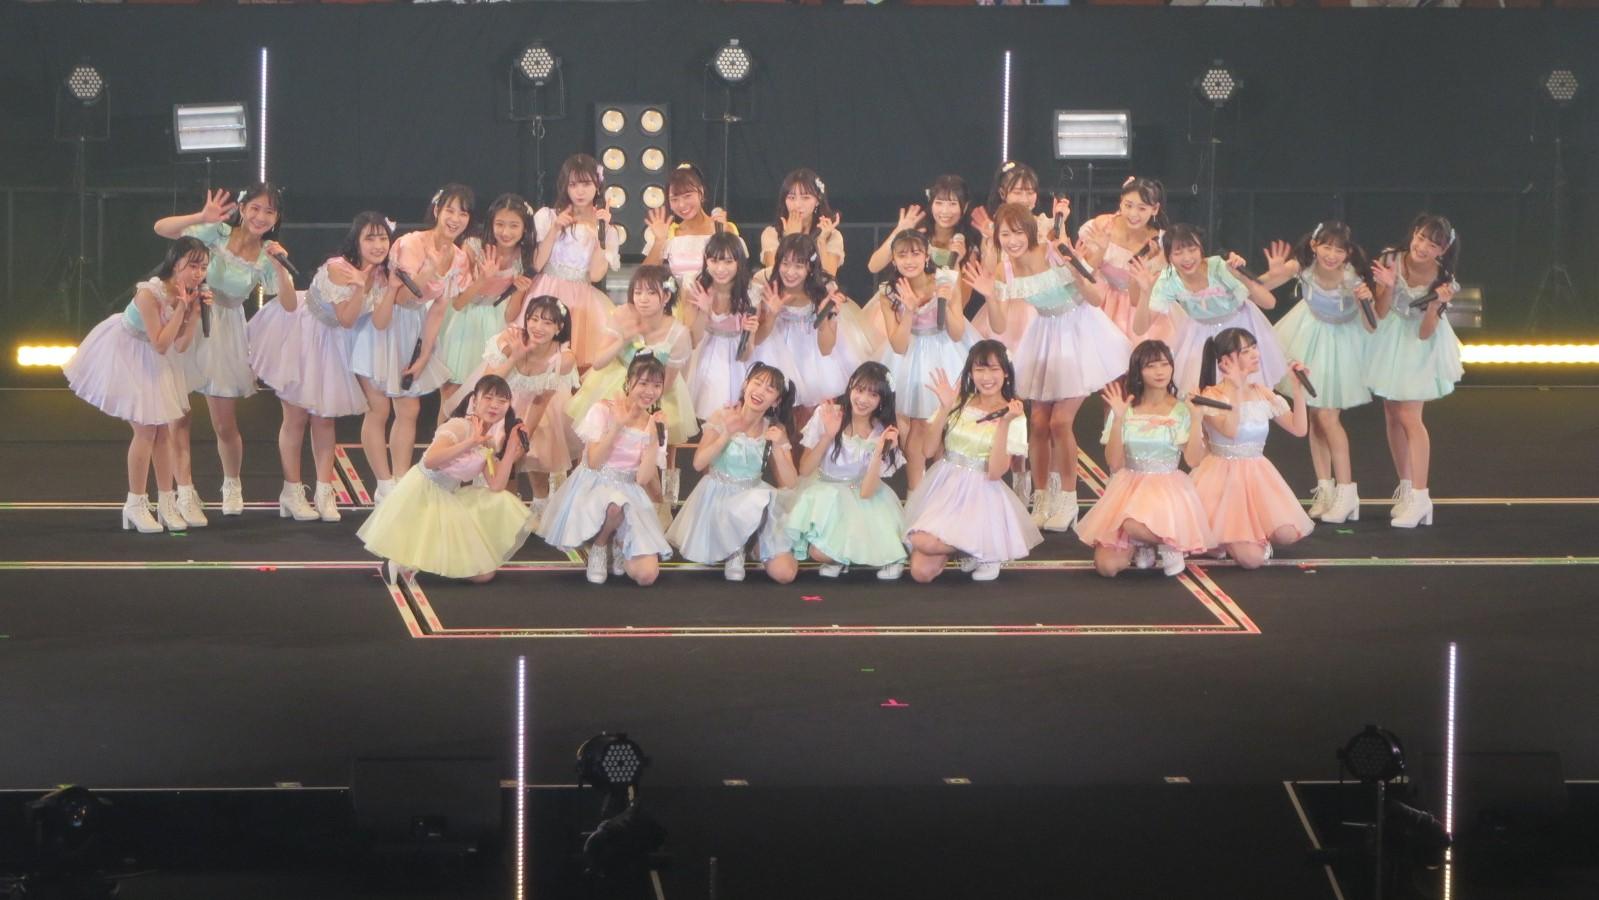 【NMB48】『NMB48 次世代コンサート ~難波しか勝たん!~』のセットリストとライブ画像など